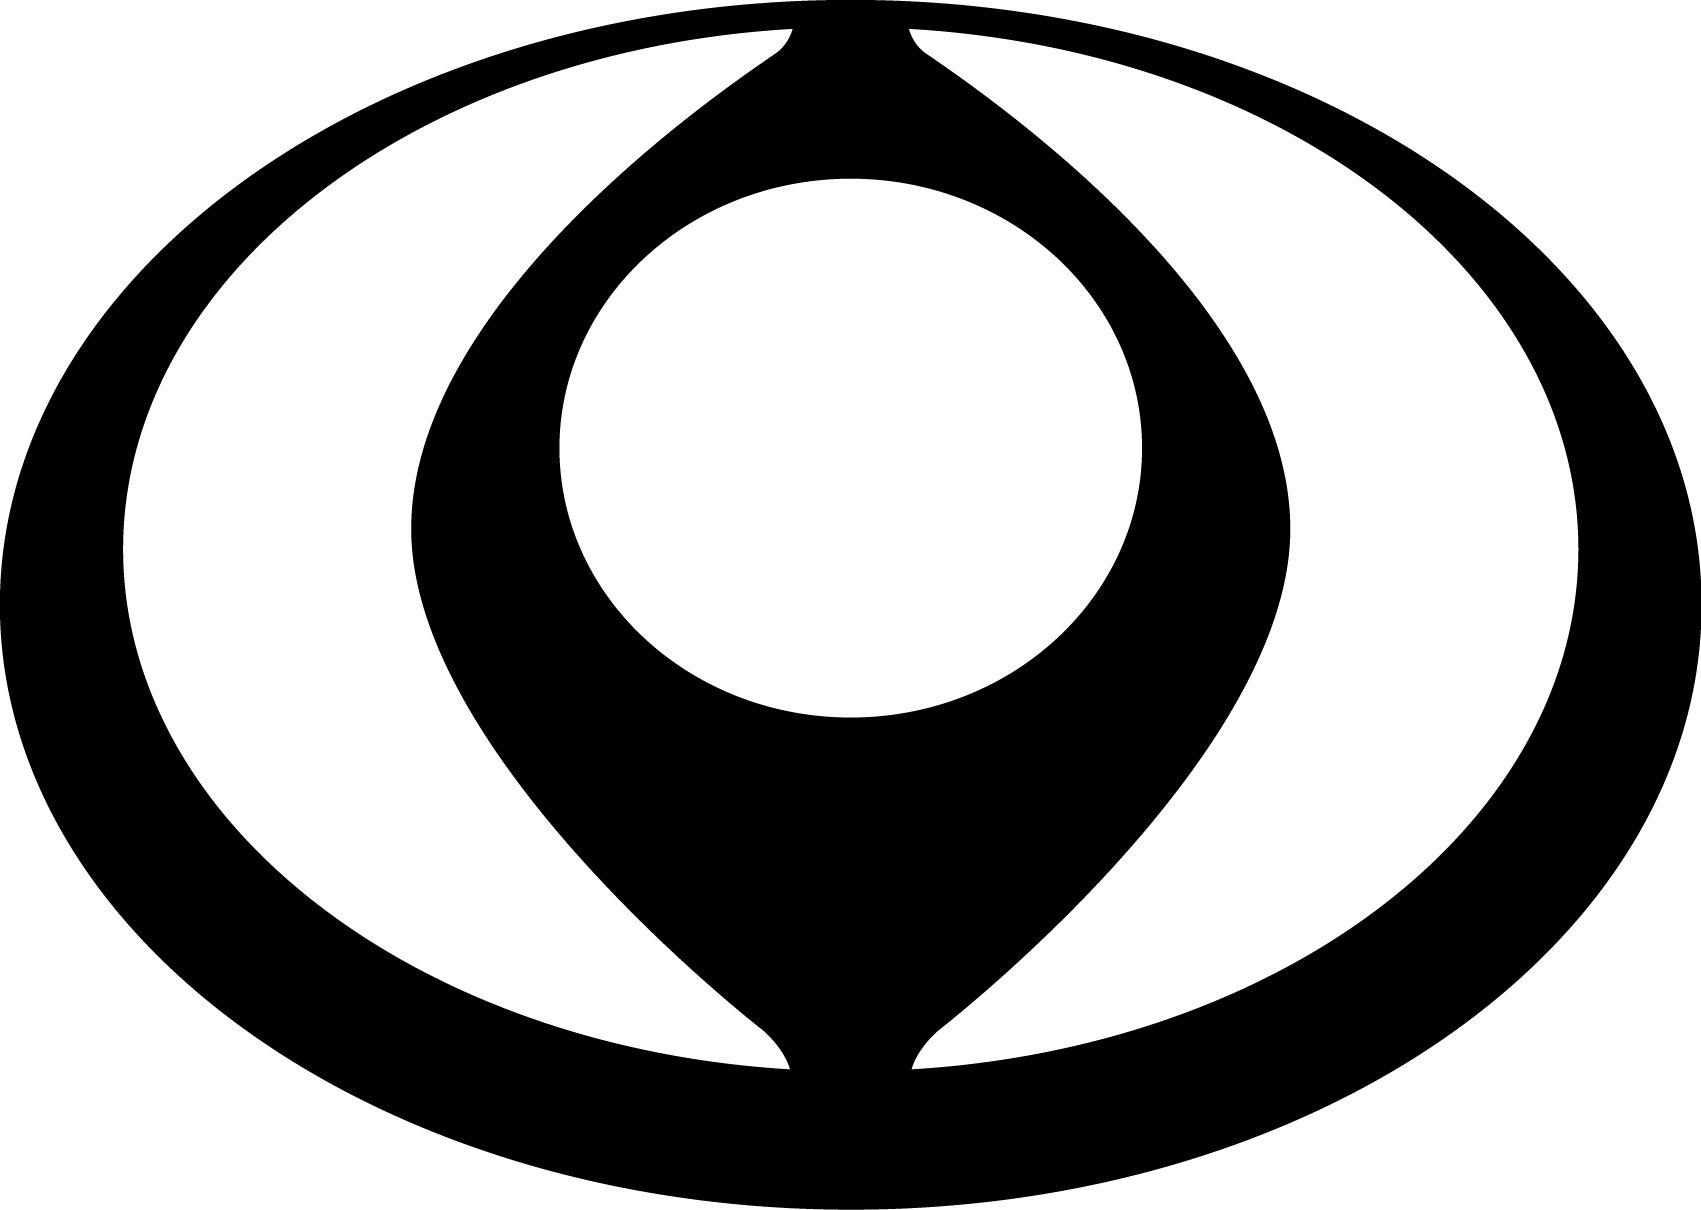 Η ιστορία του σήματος της Mazda